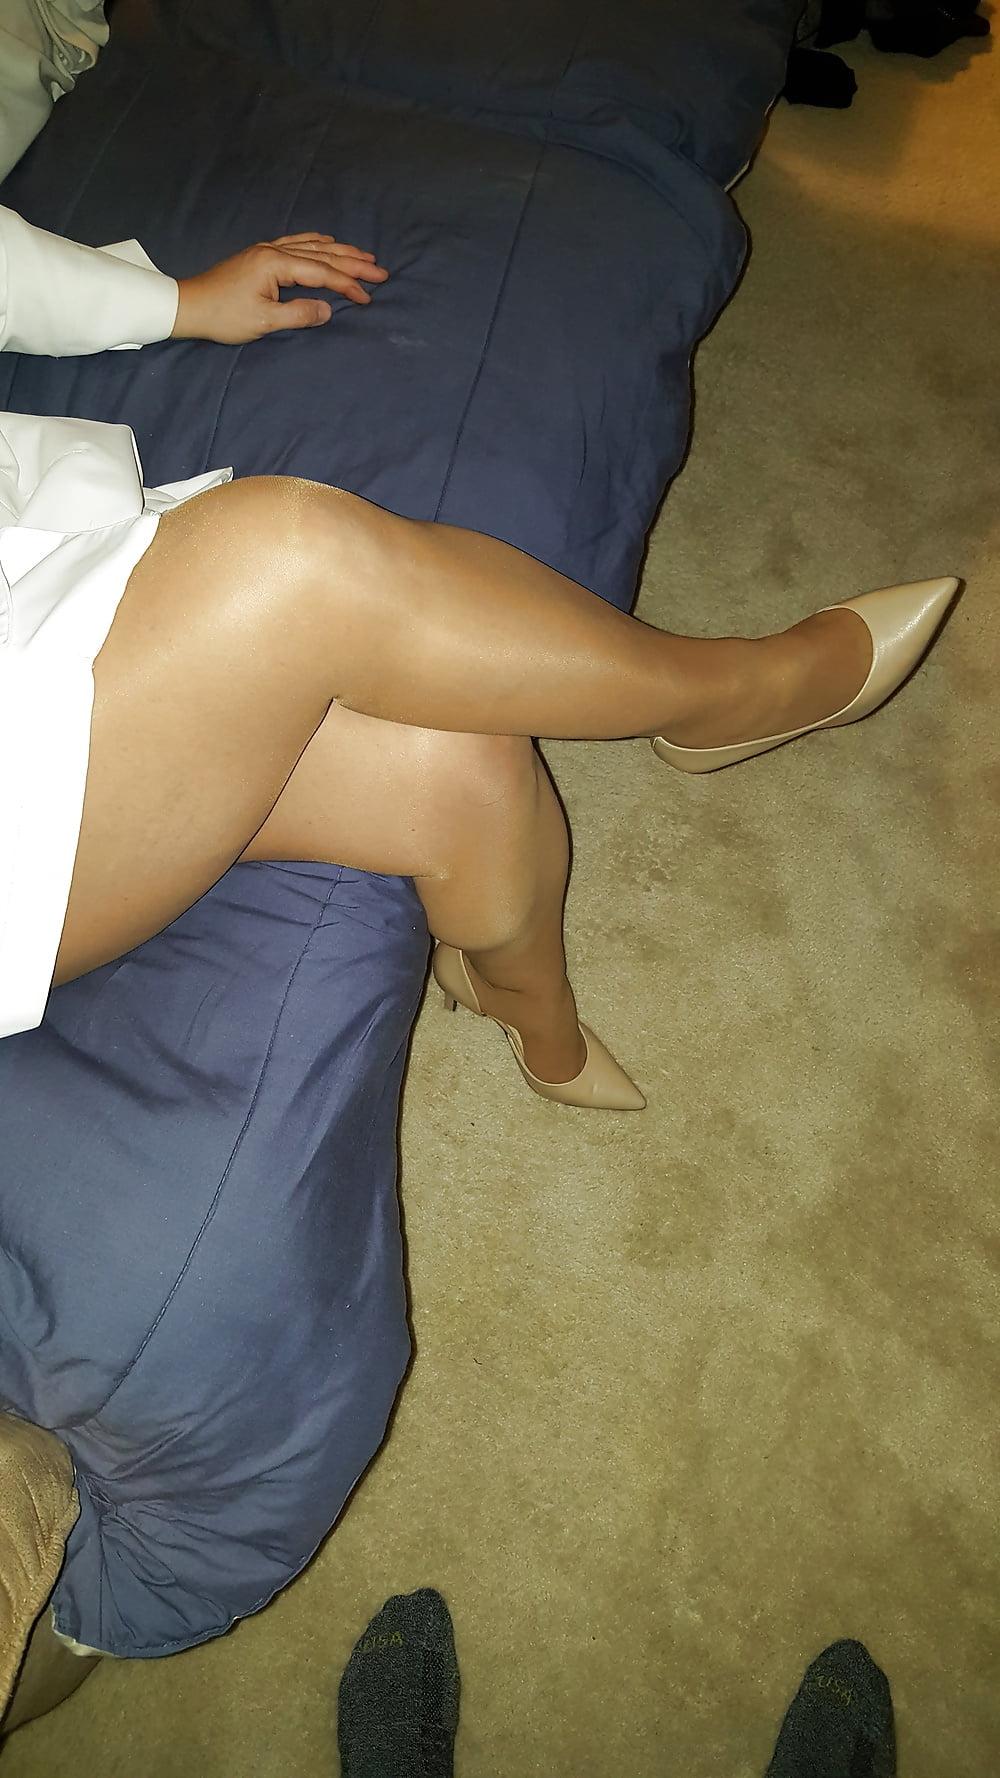 Matures and pantyhose pics